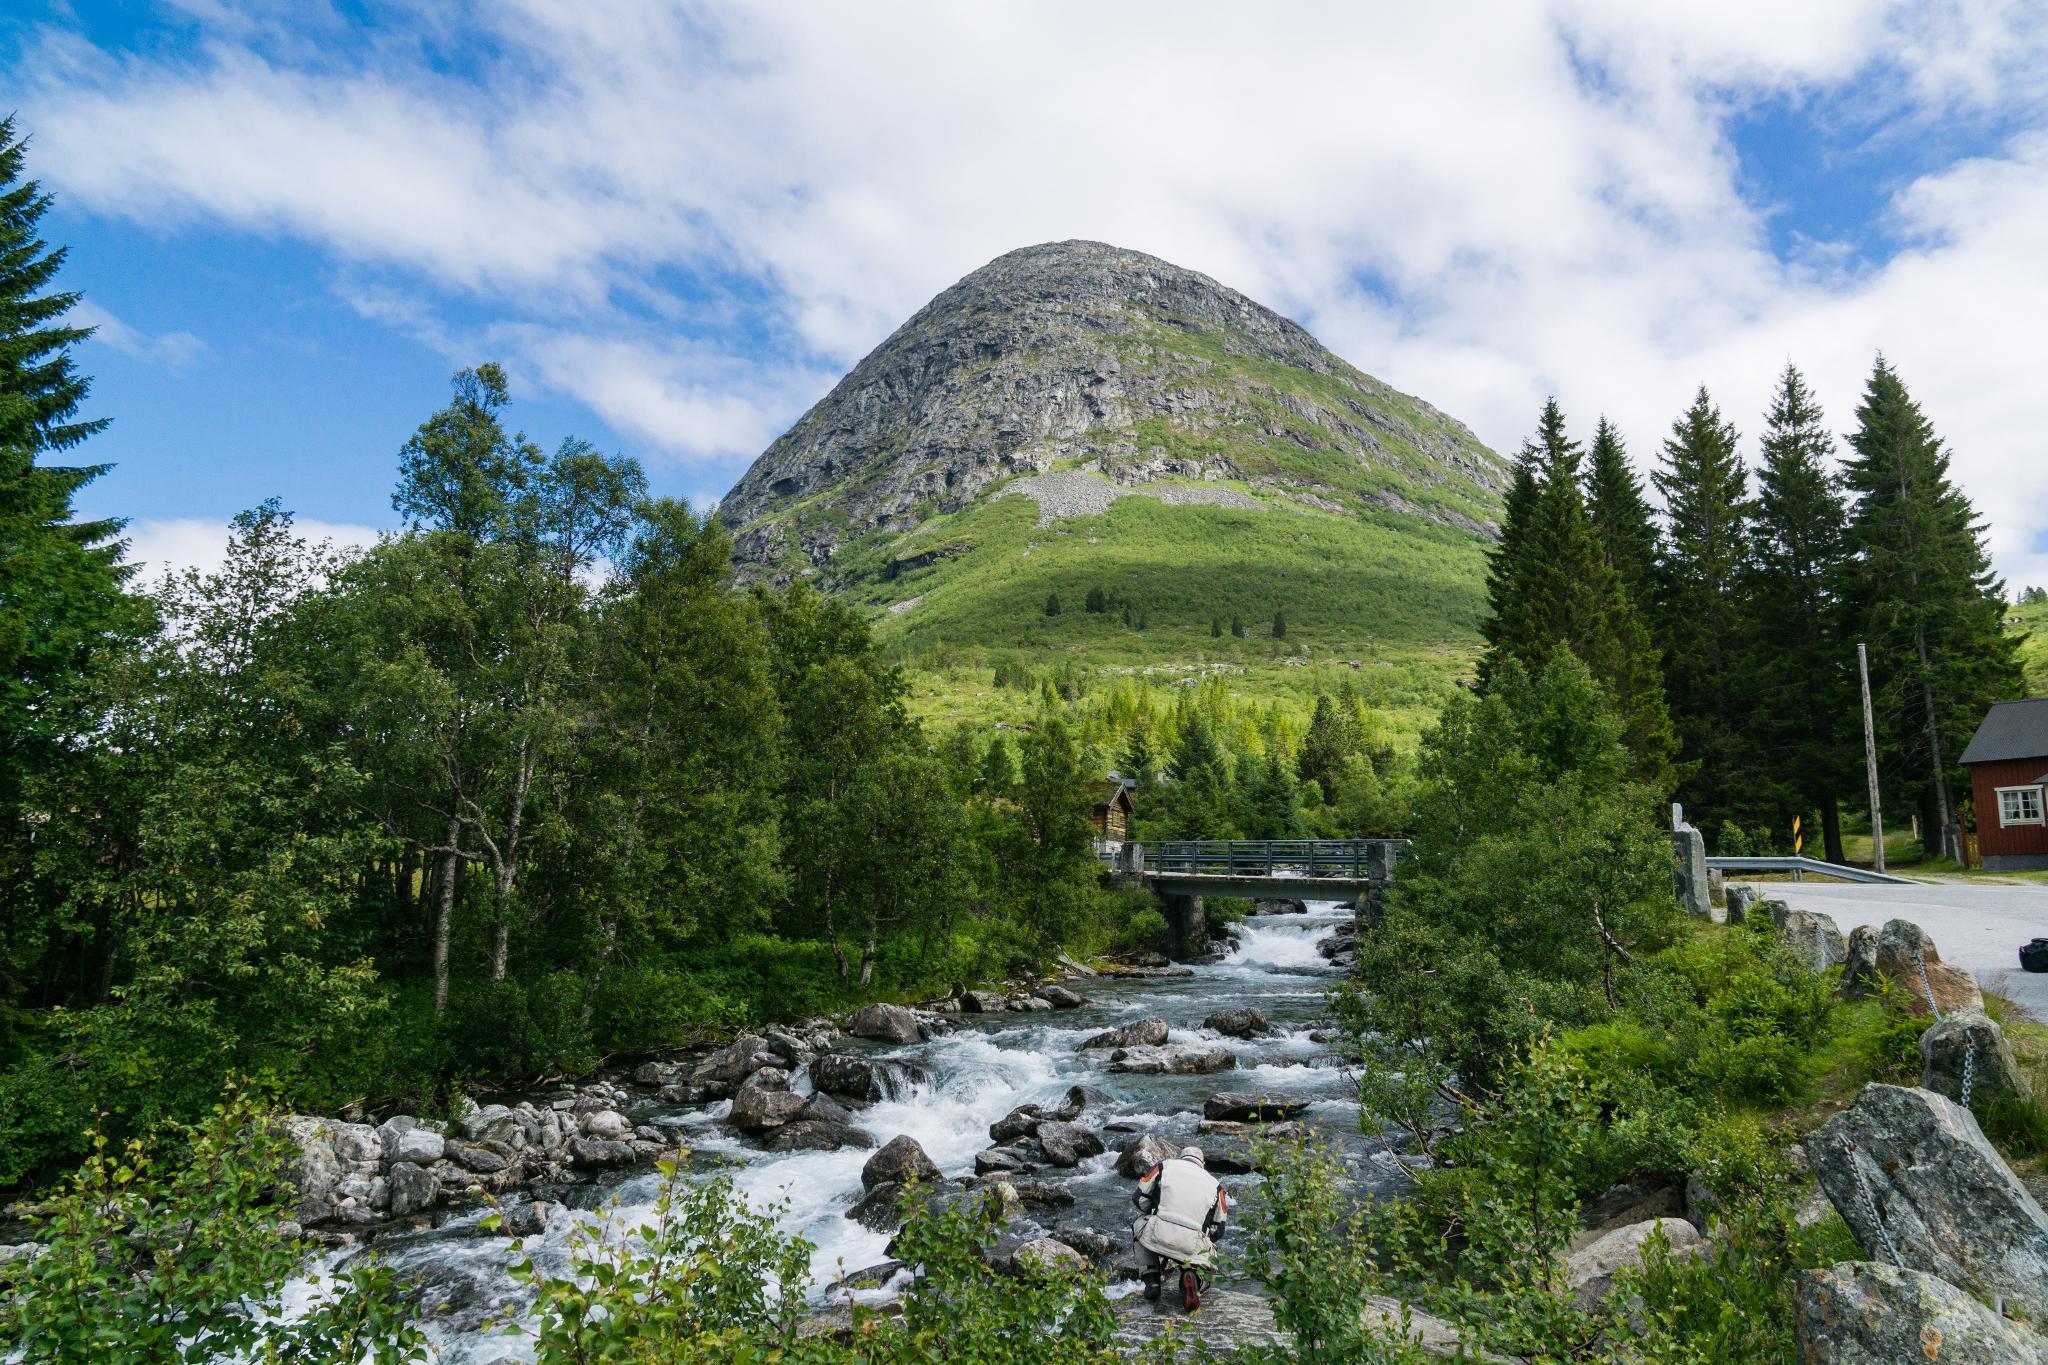 【北歐景點】Trollstigen 精靈之路 ∣ 挪威最驚險的世界級景觀公路 30